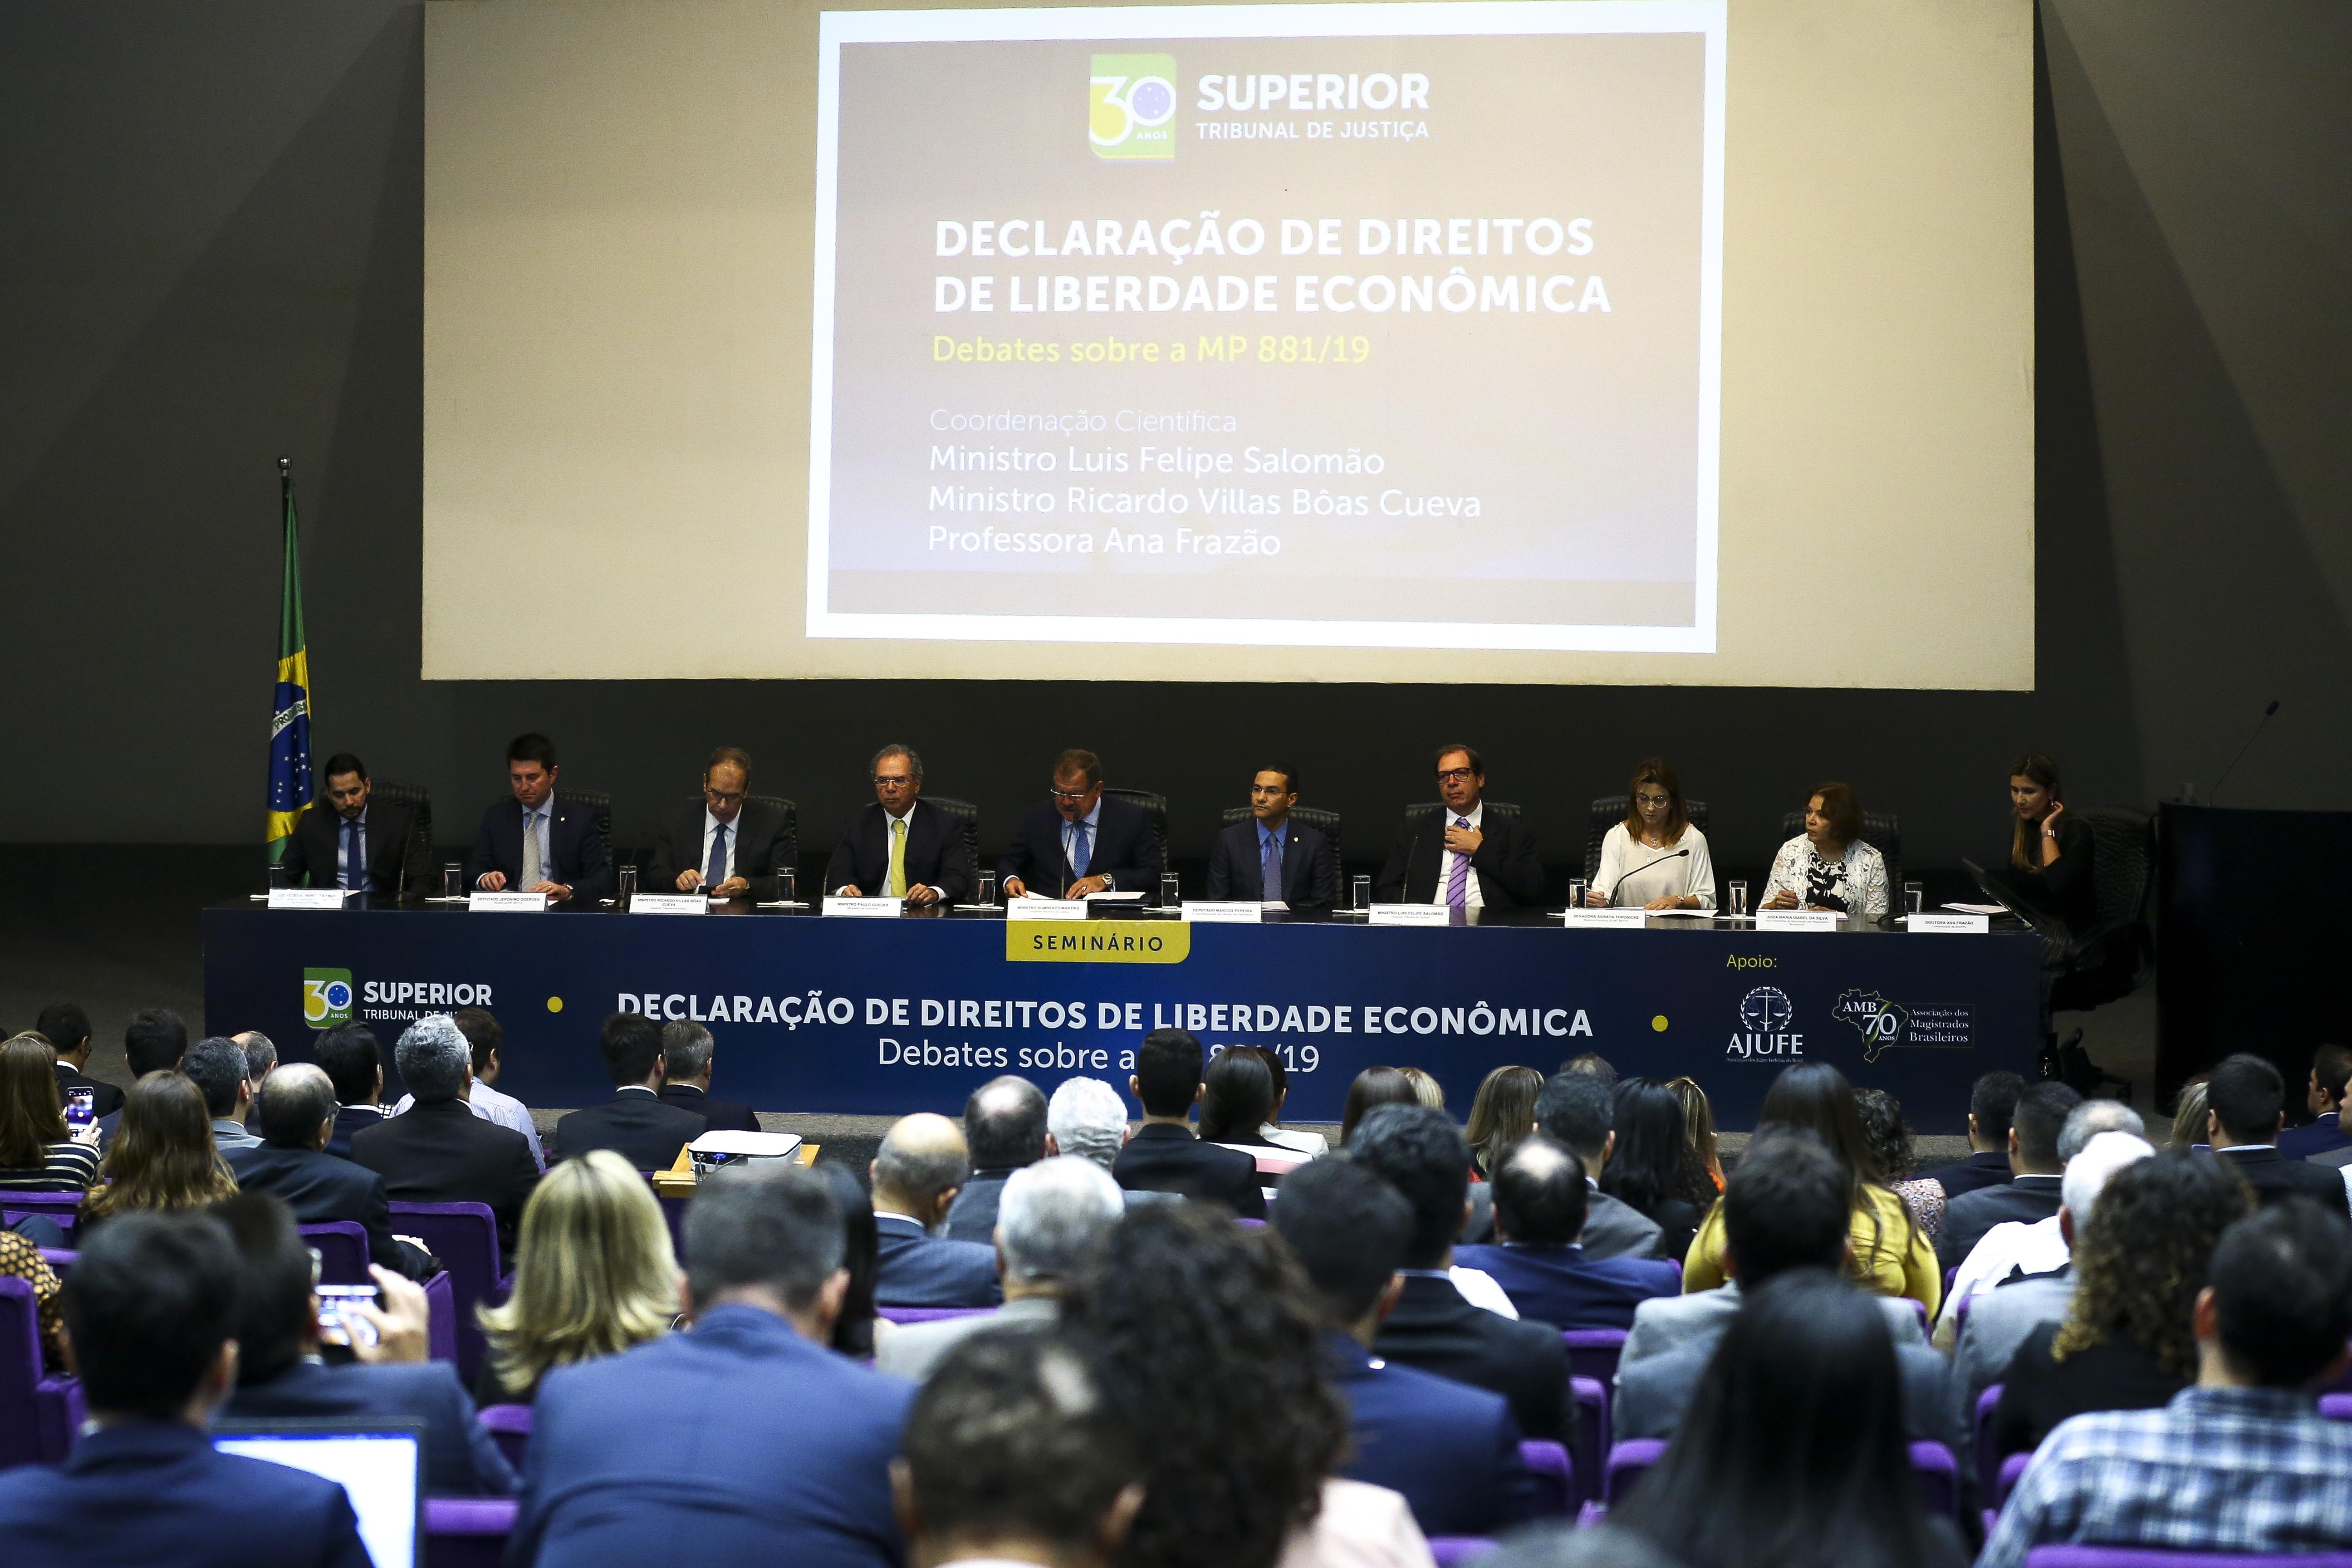 O Ministro da Economia, Paulo Guedes, durante o Seminário Declaração de Direitos de Liberdade Econômica - Debates sobre a MP 881/19.